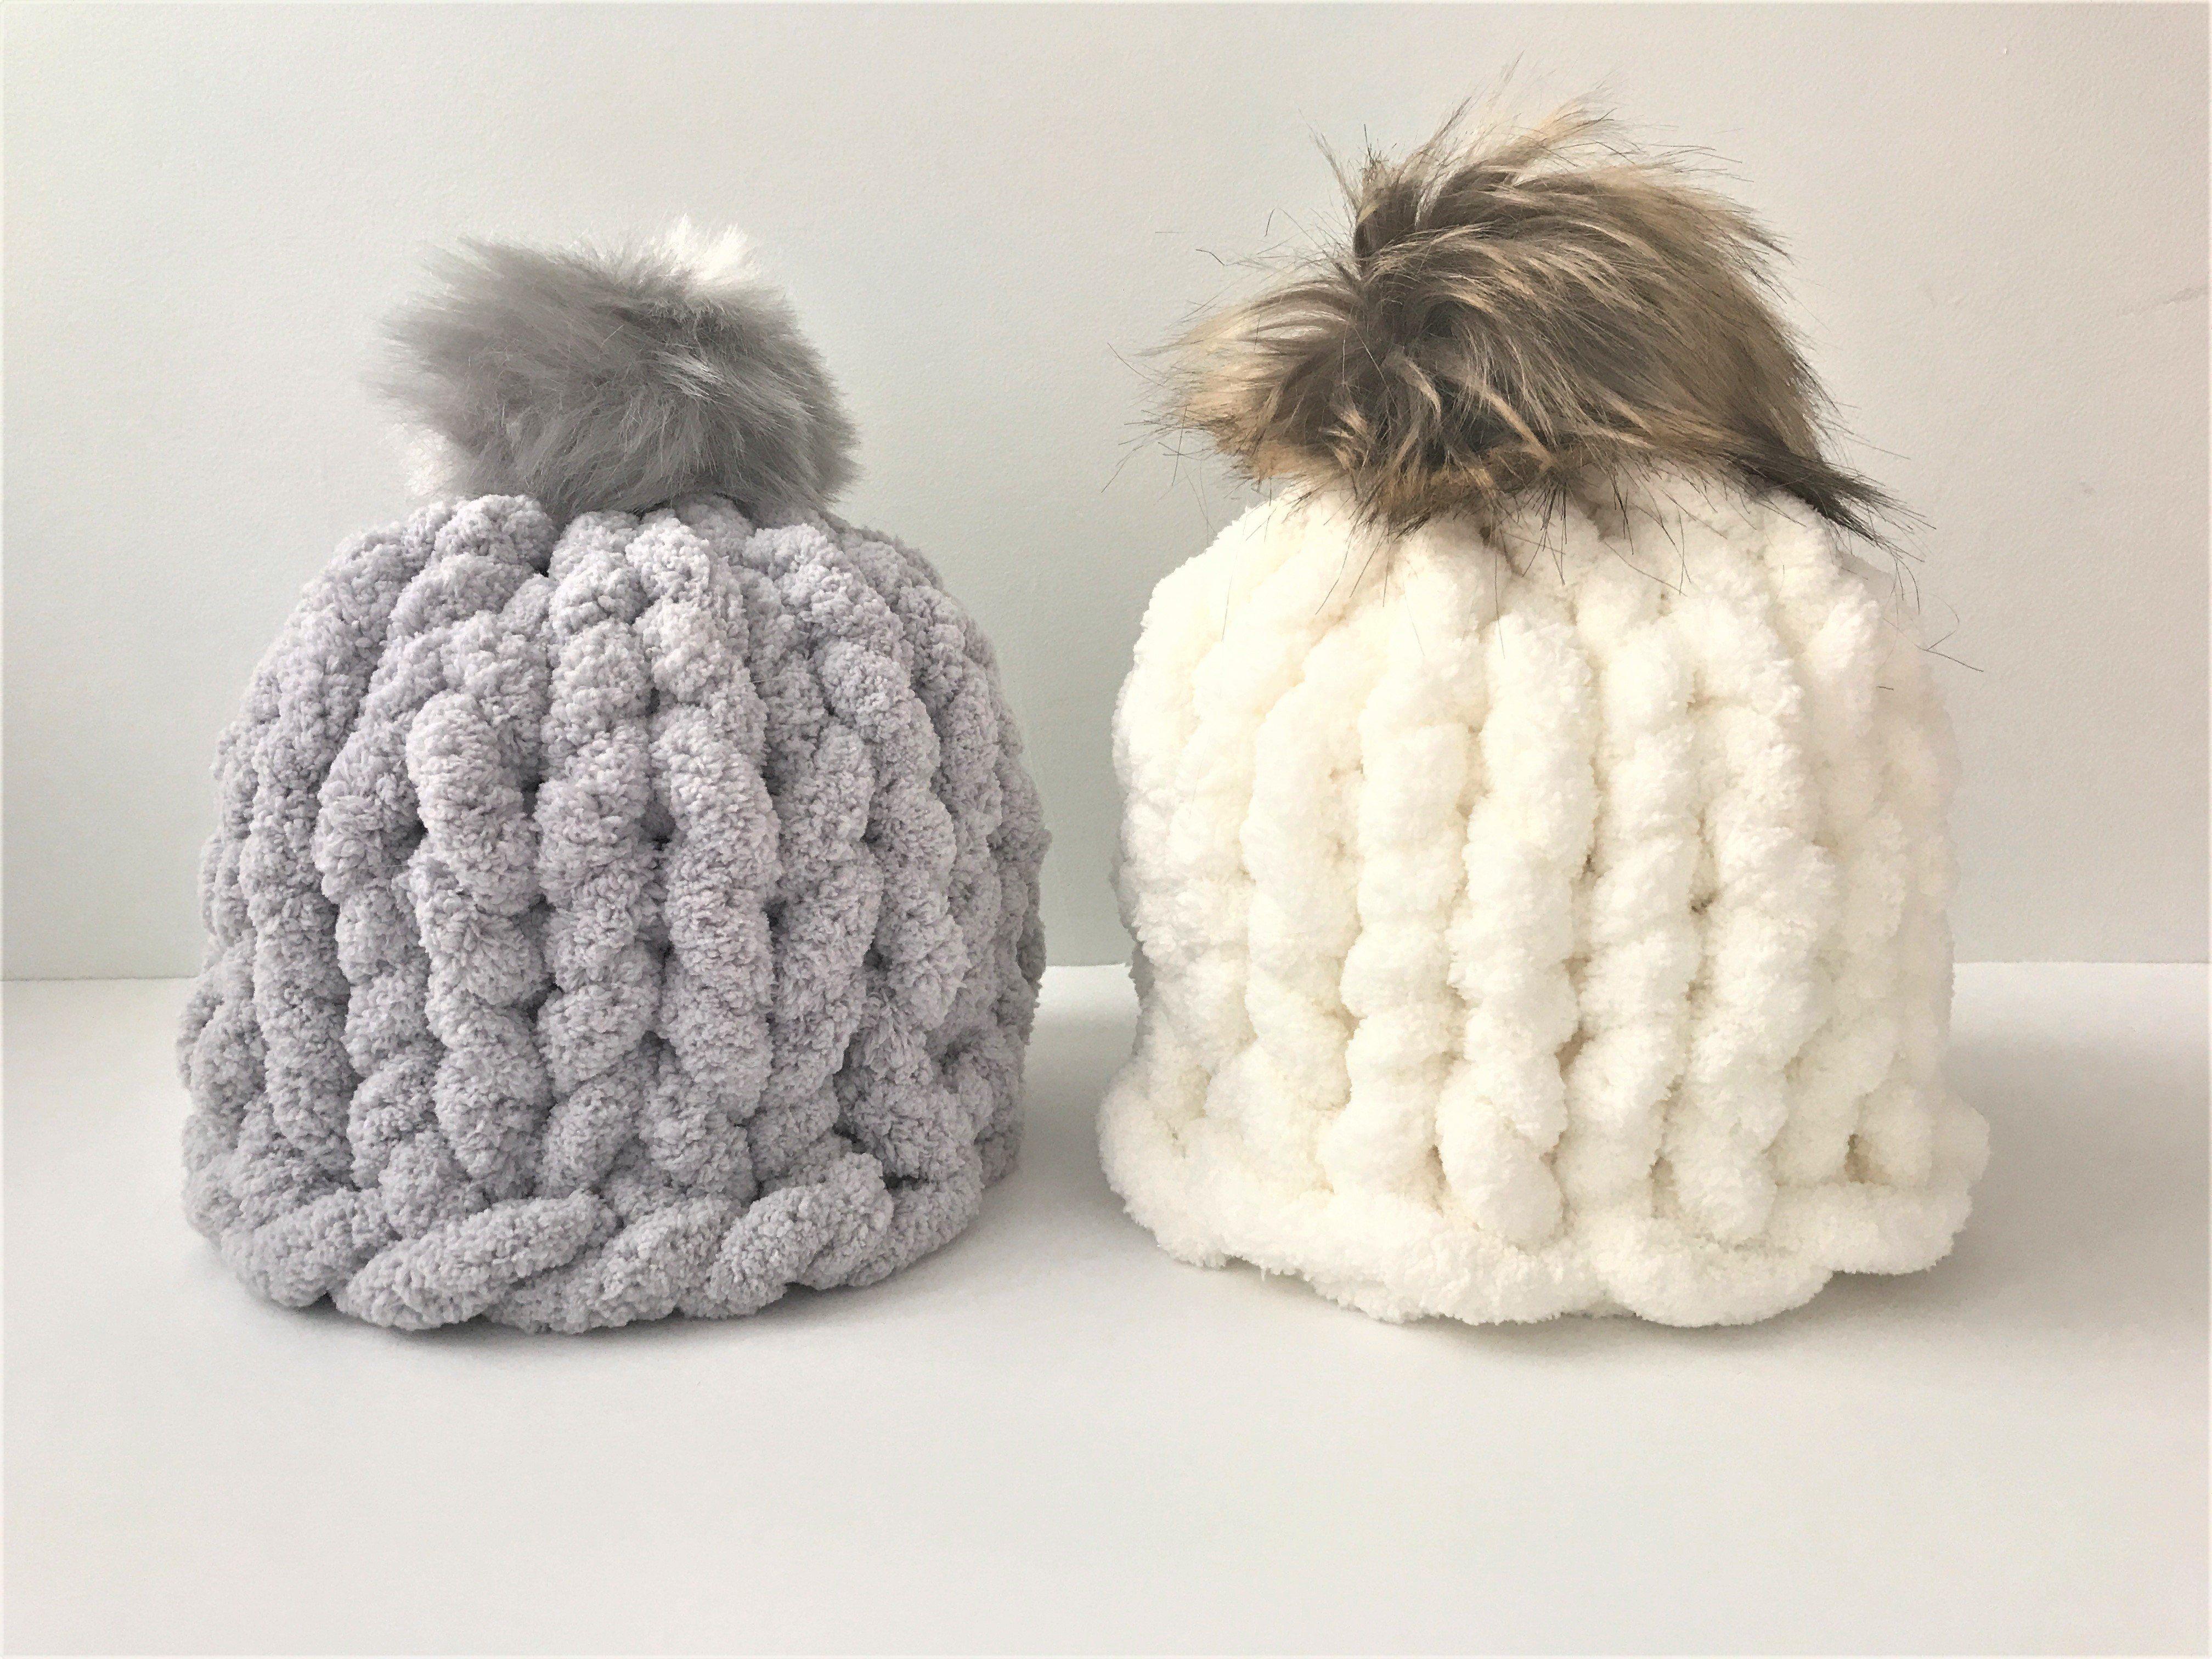 209be8bd841 DIY Knitting kit